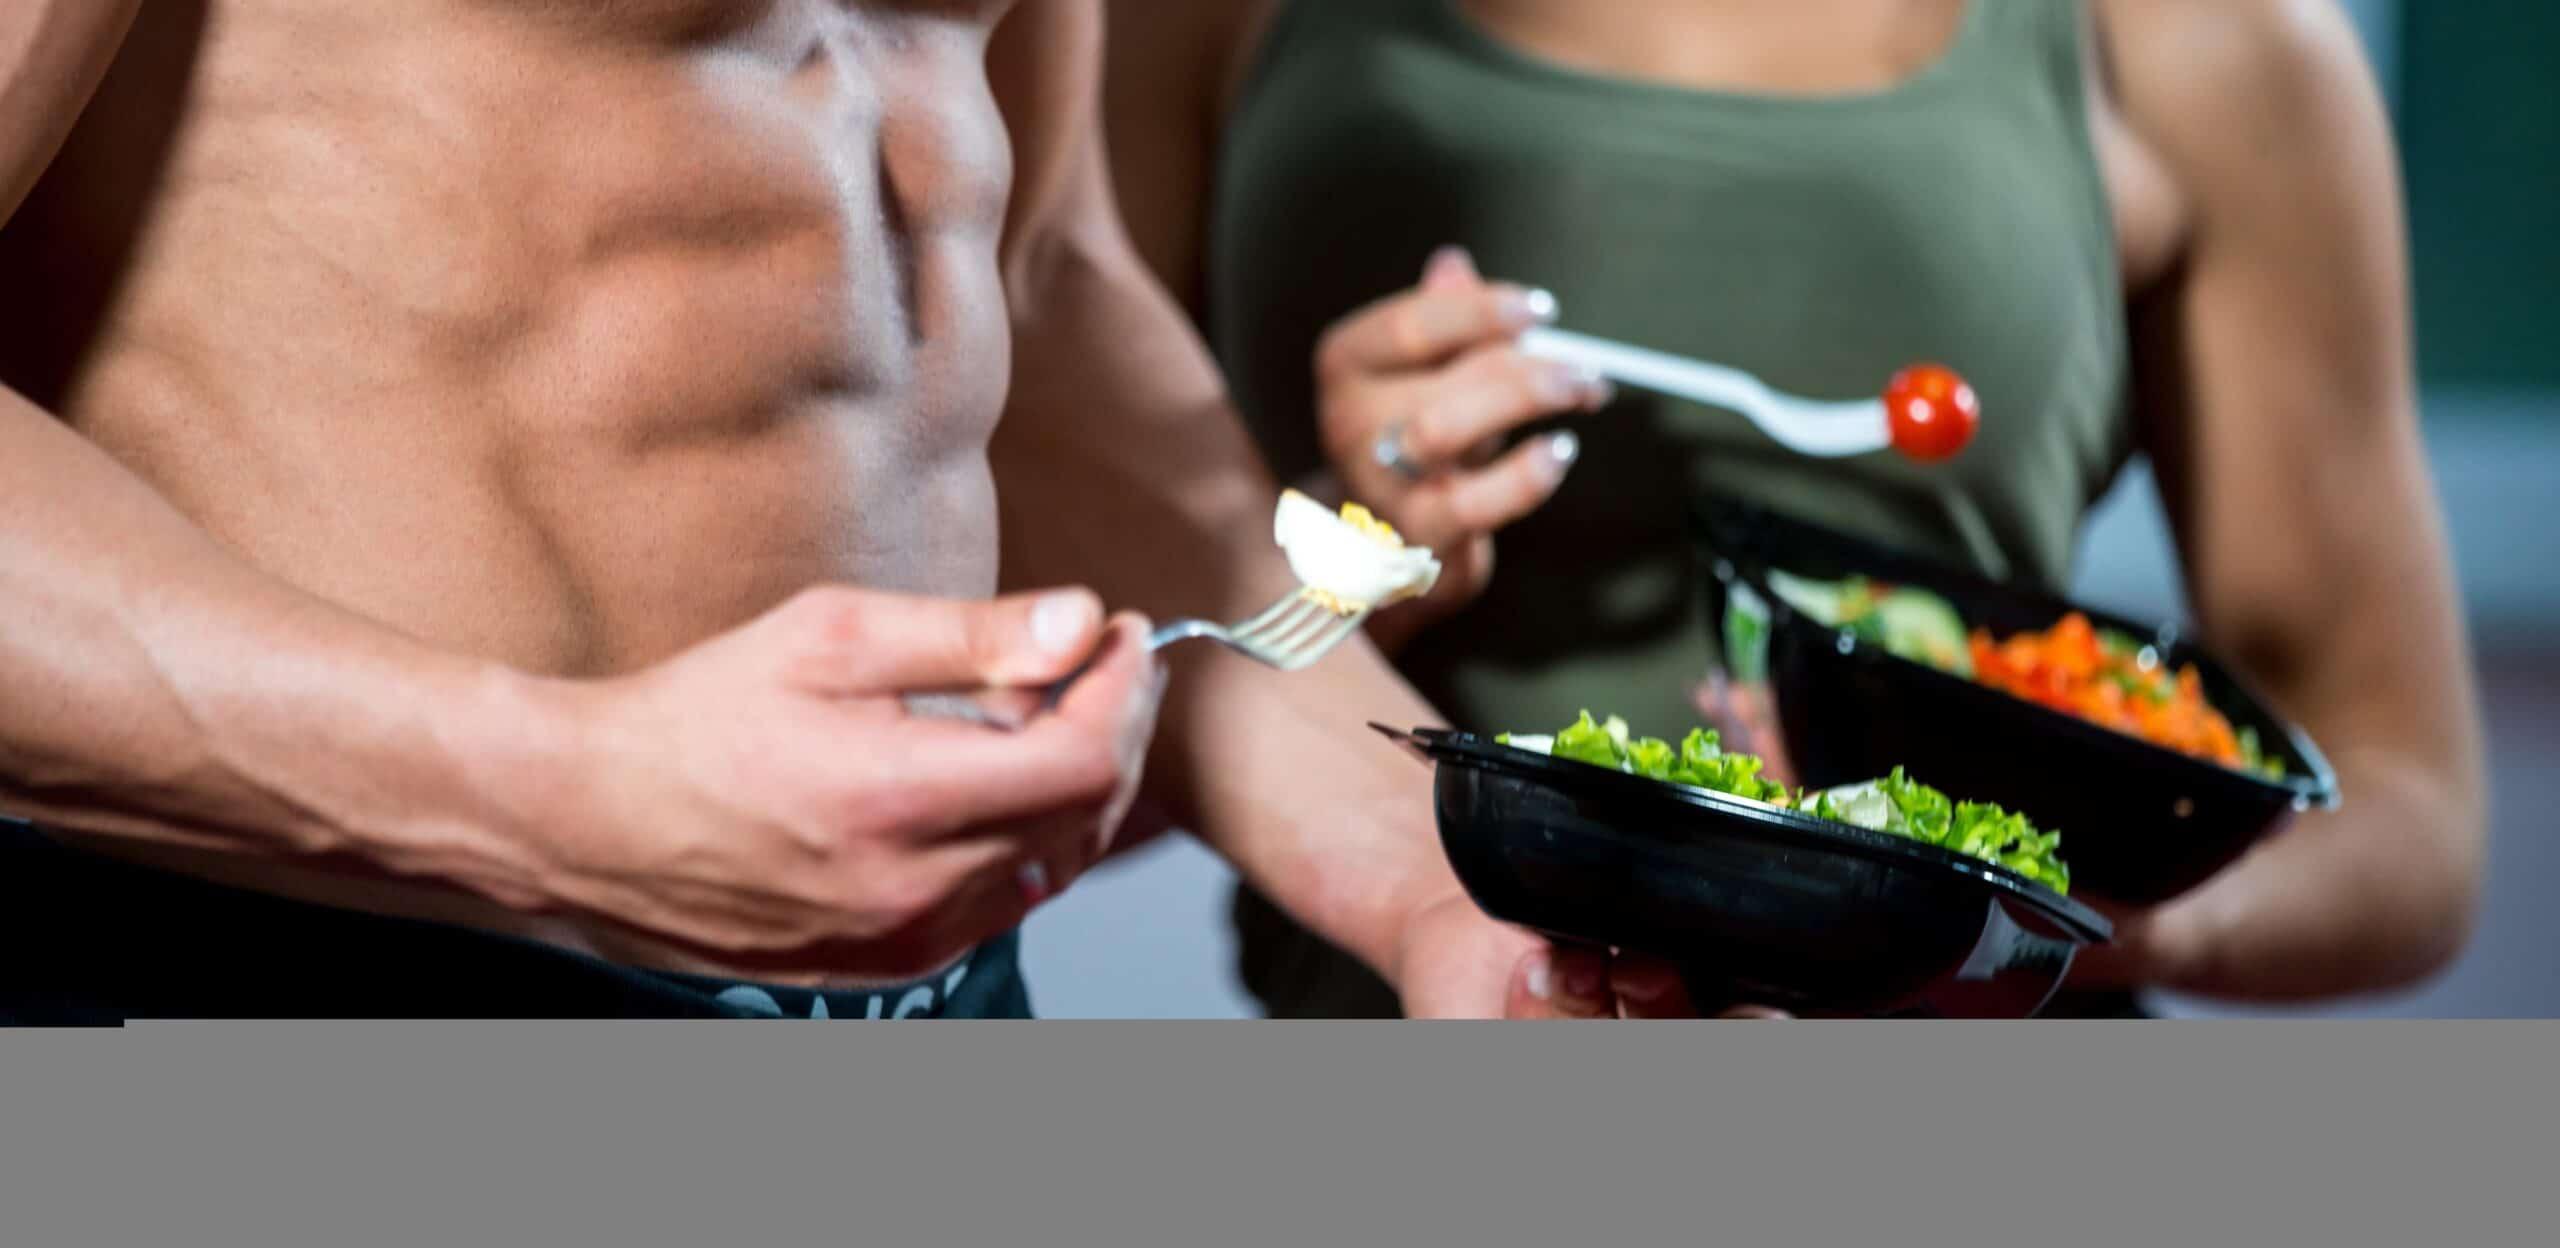 dieta ipolipidica per la palestra cosa mangiare